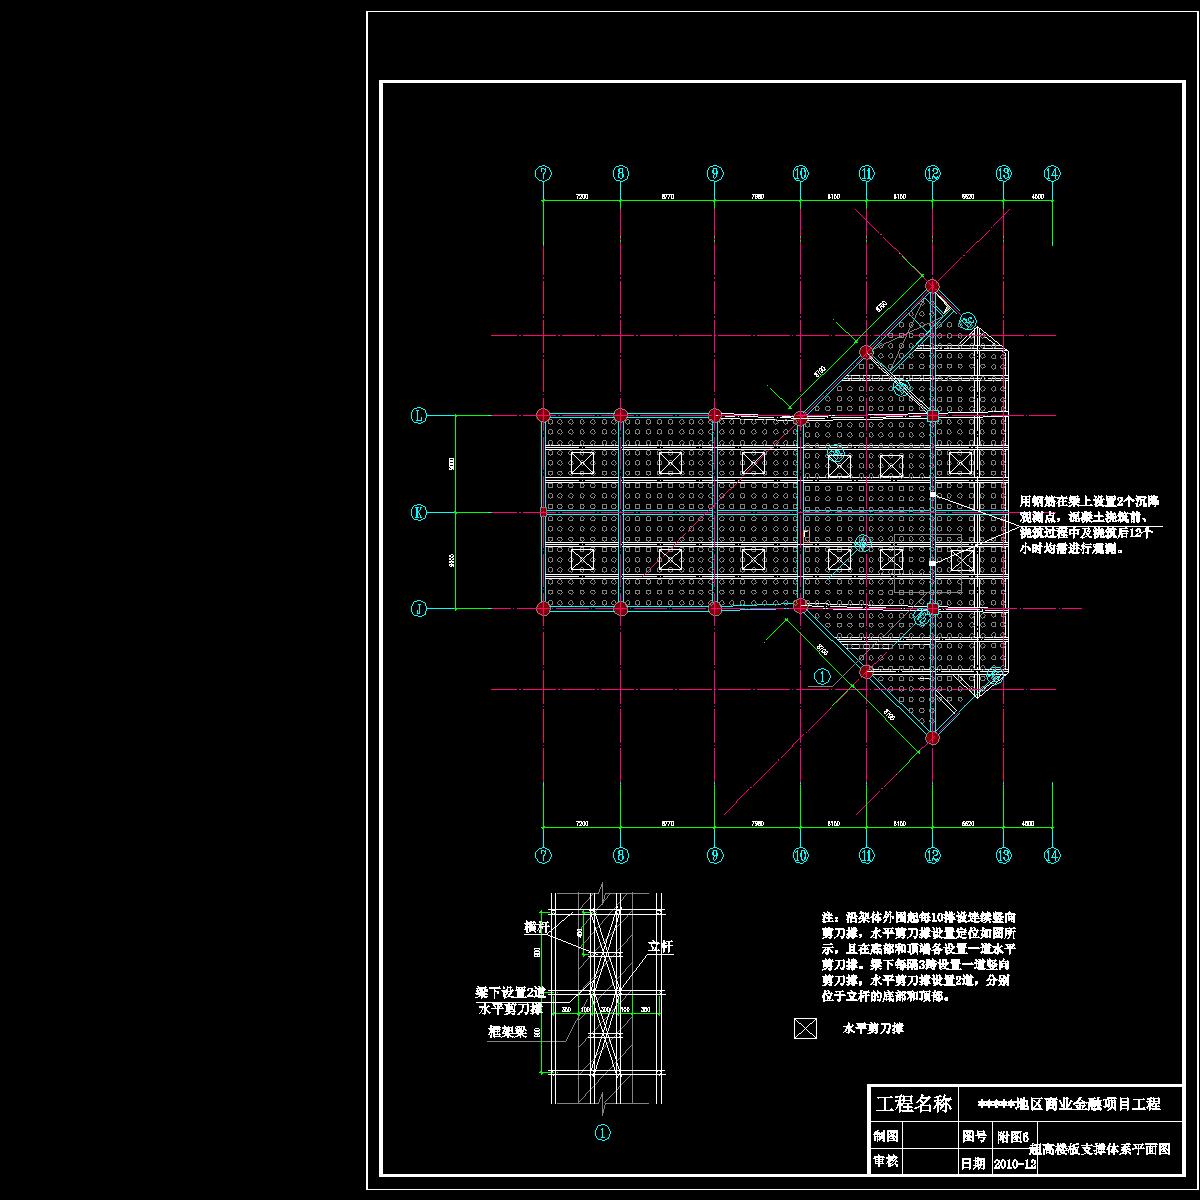 附图6超高楼板架体支设平面图.dwg